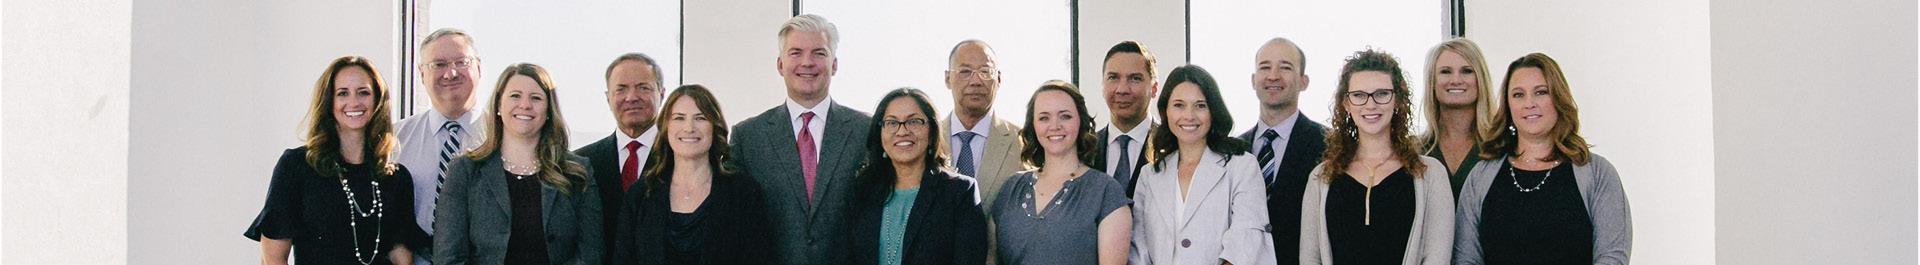 Sierra Neurosurgery Team